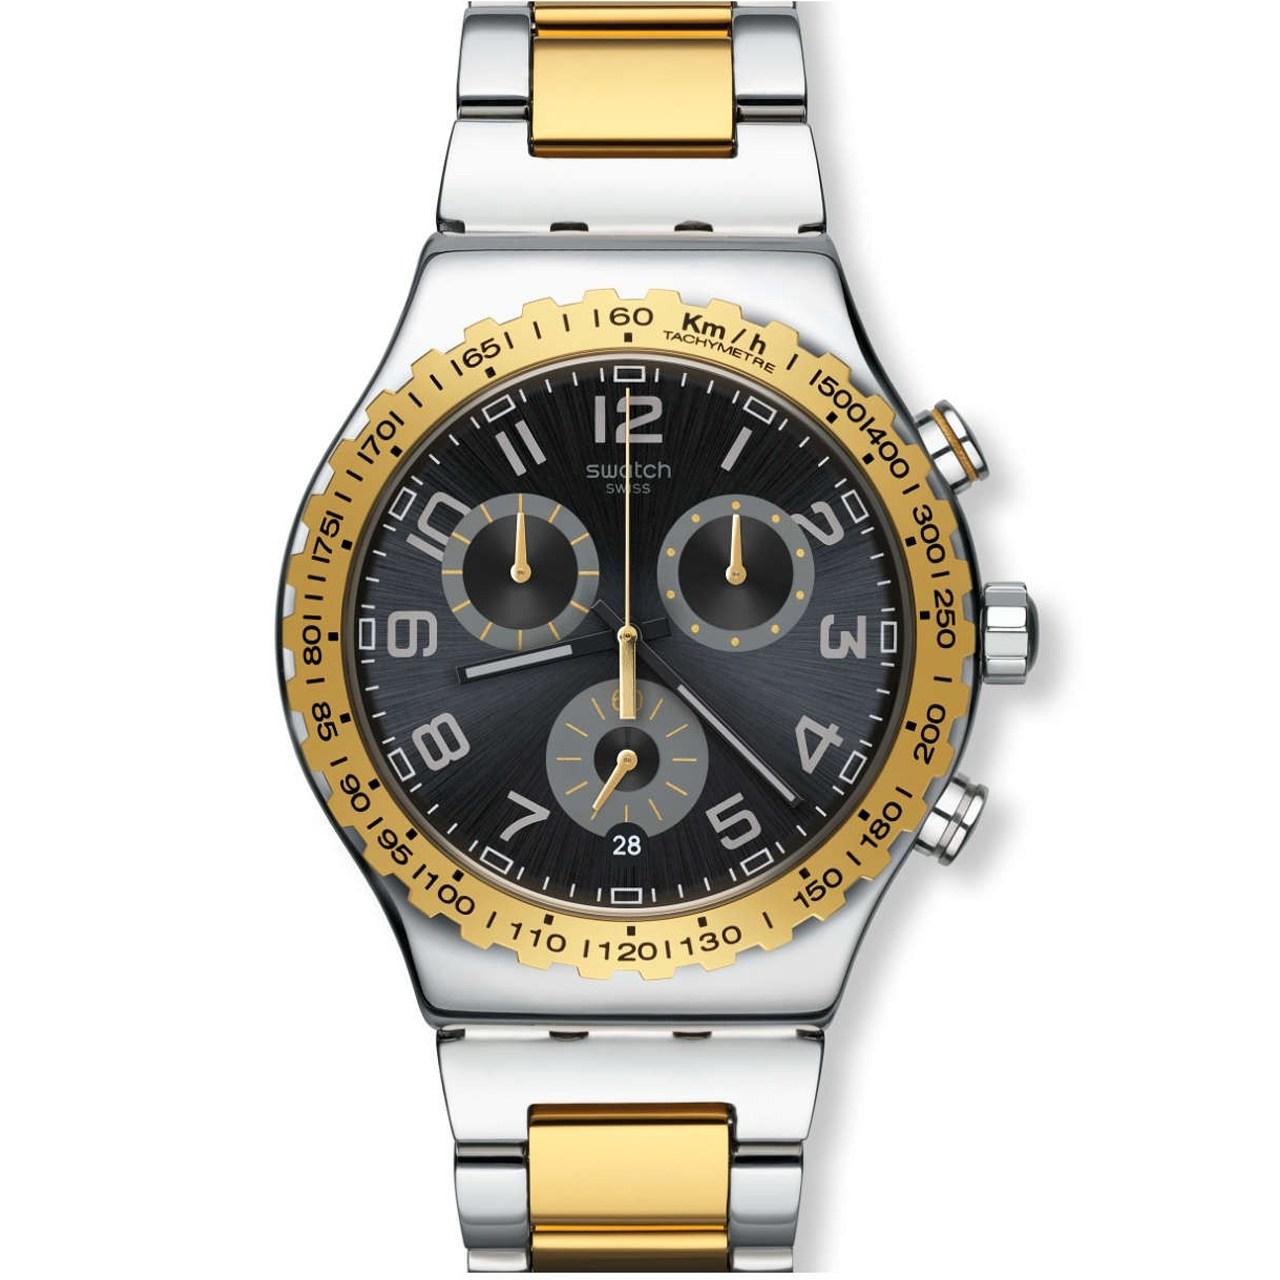 ساعت مچی عقربه ای مردانه سواچ مدل YVS427G 6